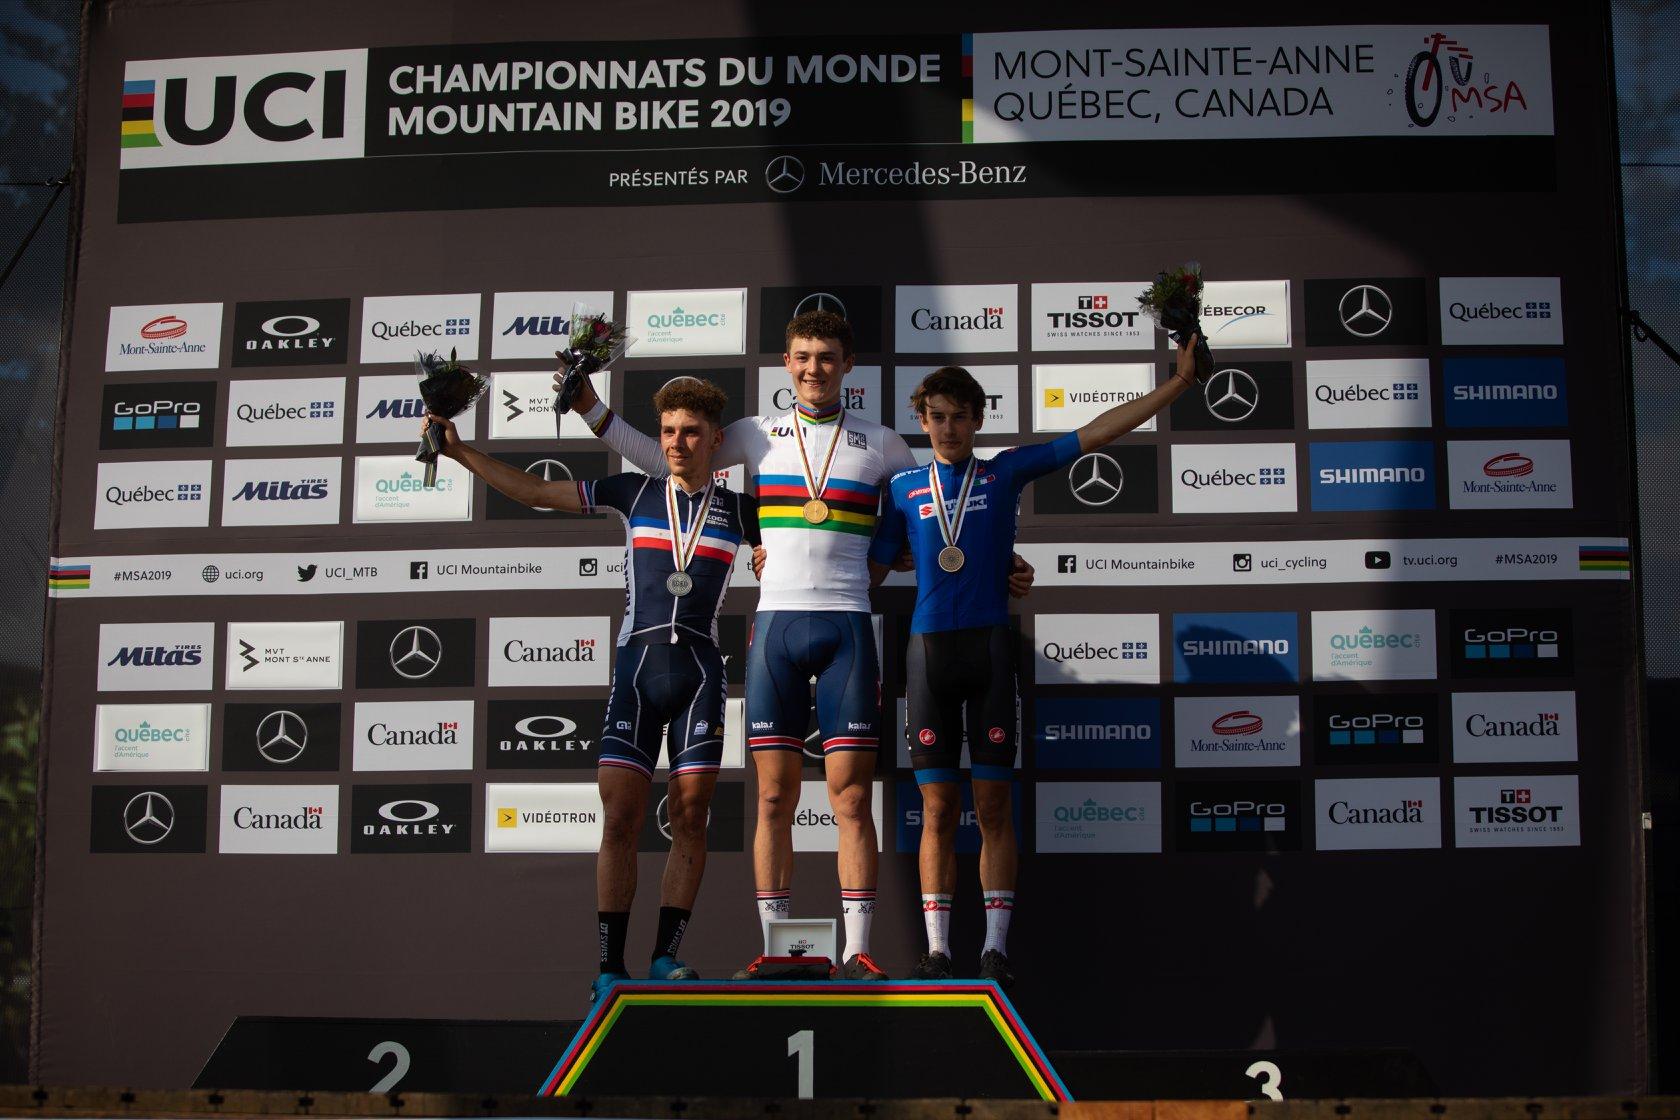 championnats monde uci xc juniors 2019 podium luca martin